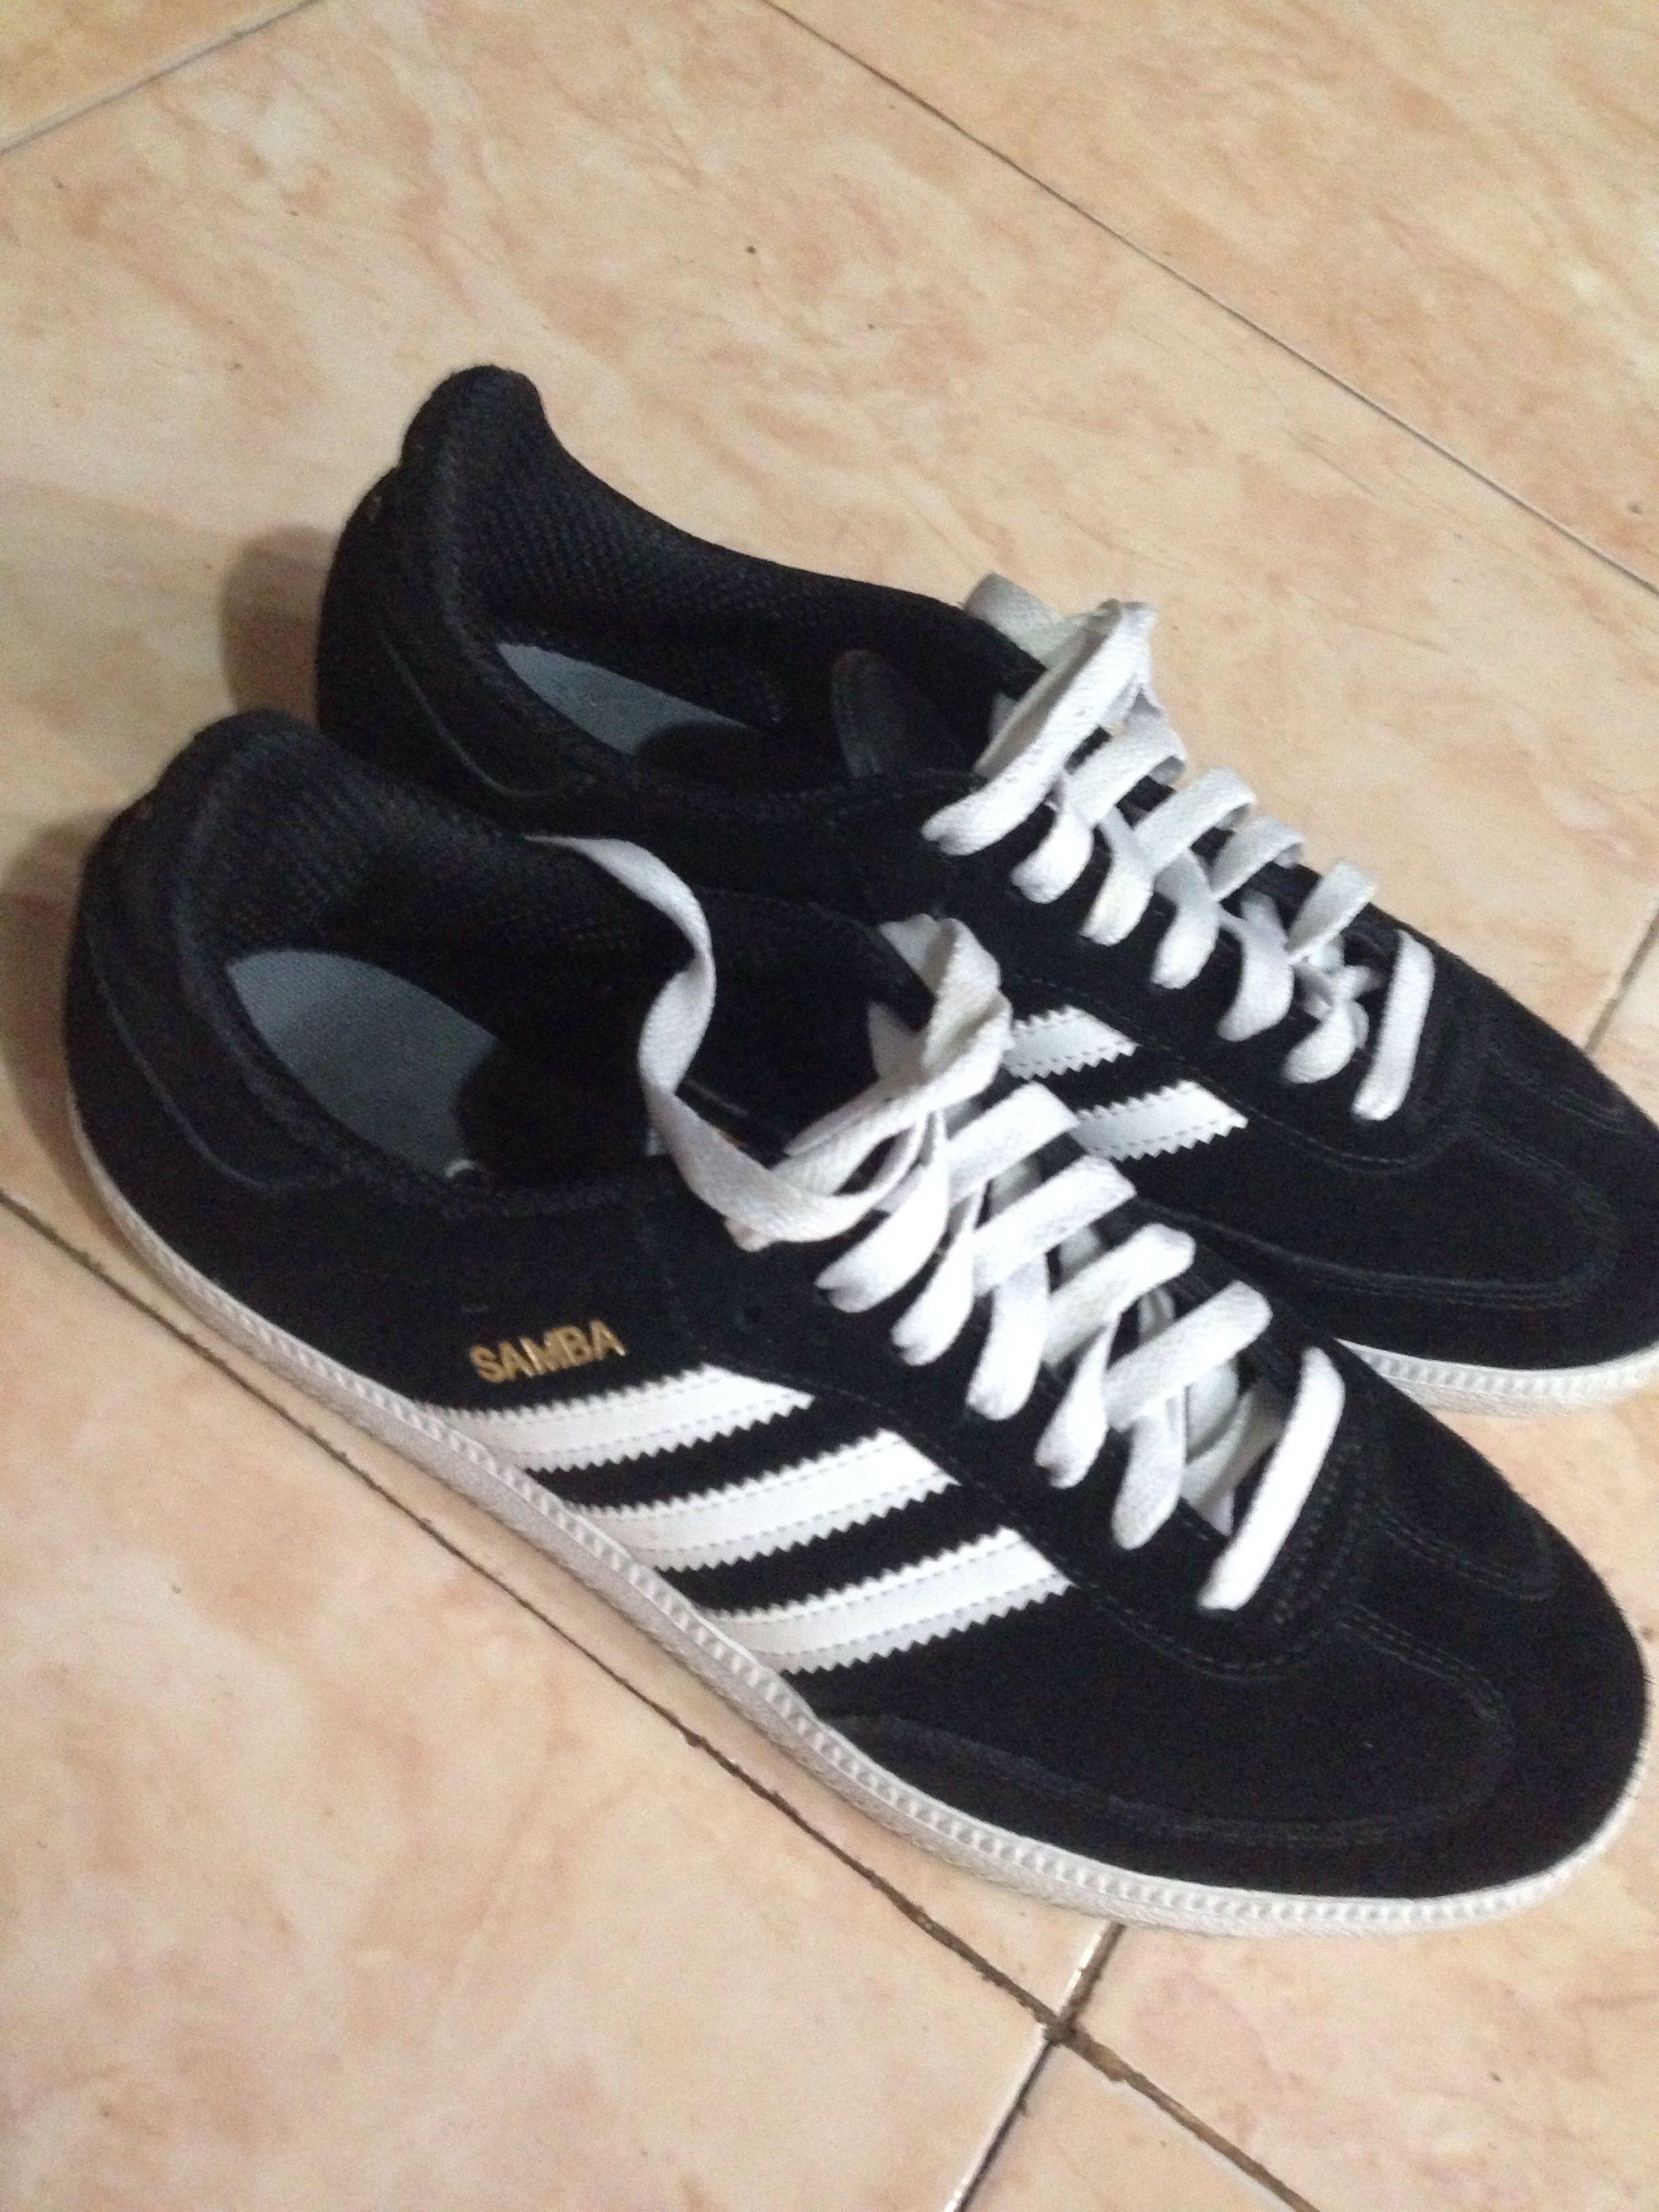 Adidas samba suede, Vans old skool